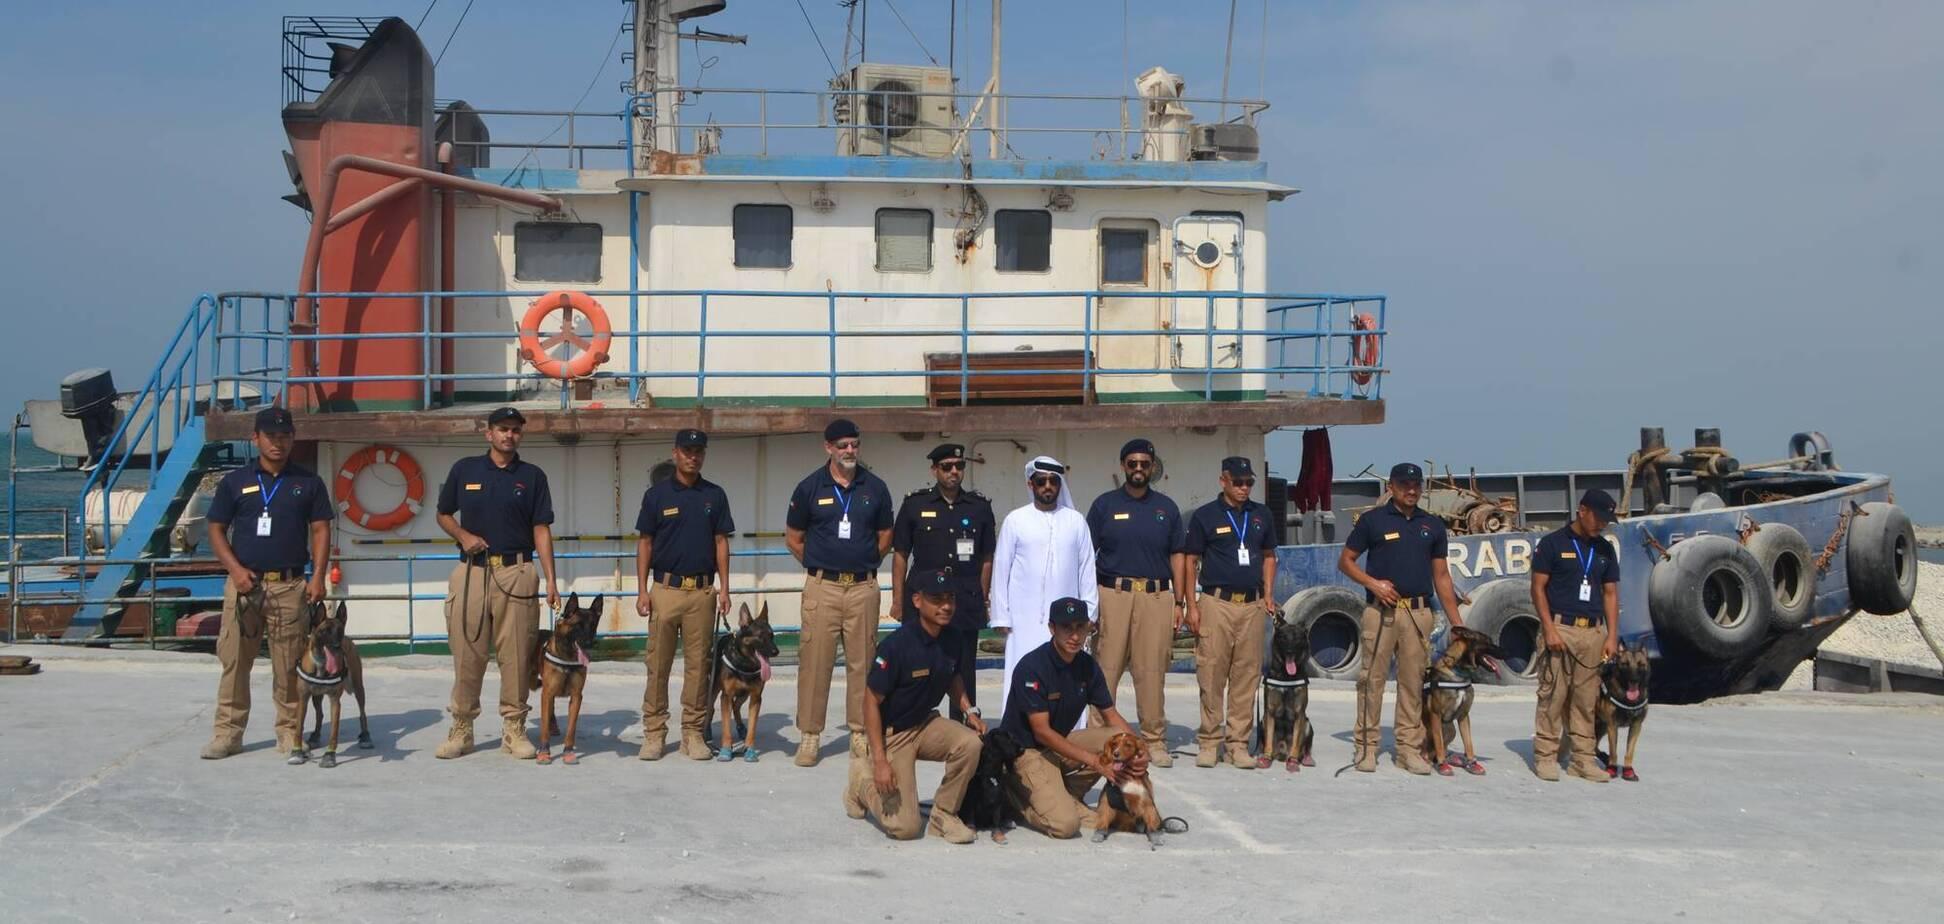 В ОАЭ начали искать больных COVID-19 с помощью собак. Источник: diag-nose.com